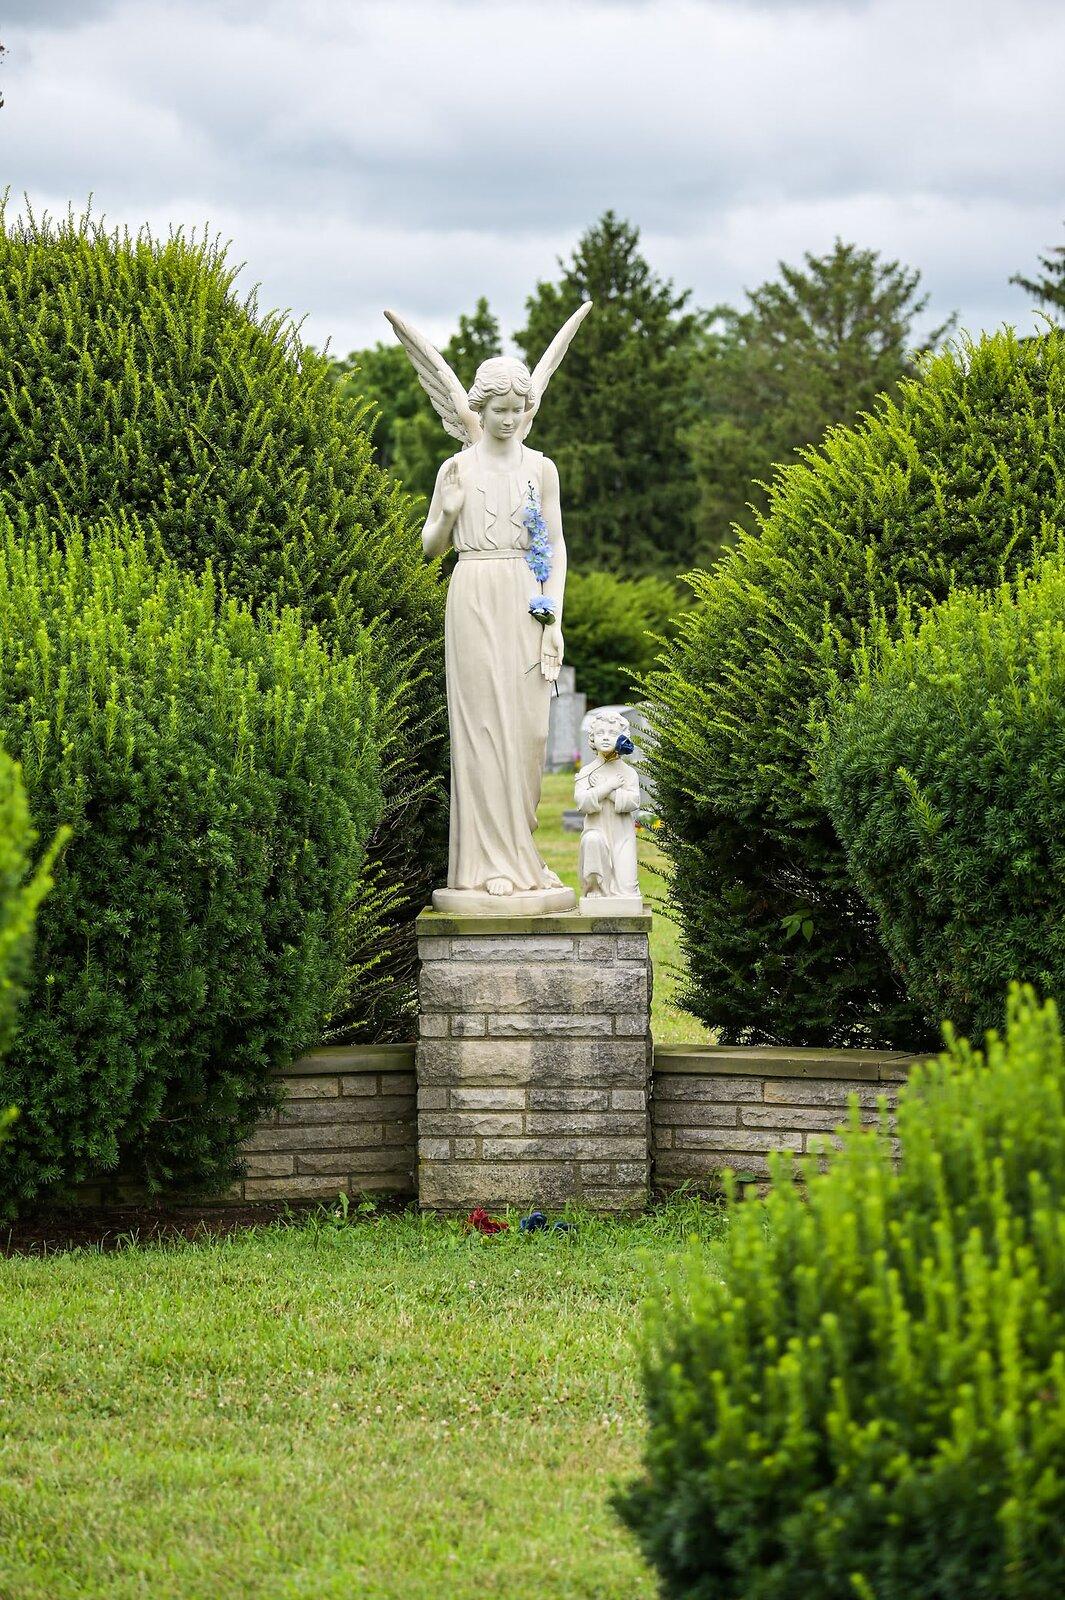 08-02-2020_cemetery_NZ6_6631.jpg